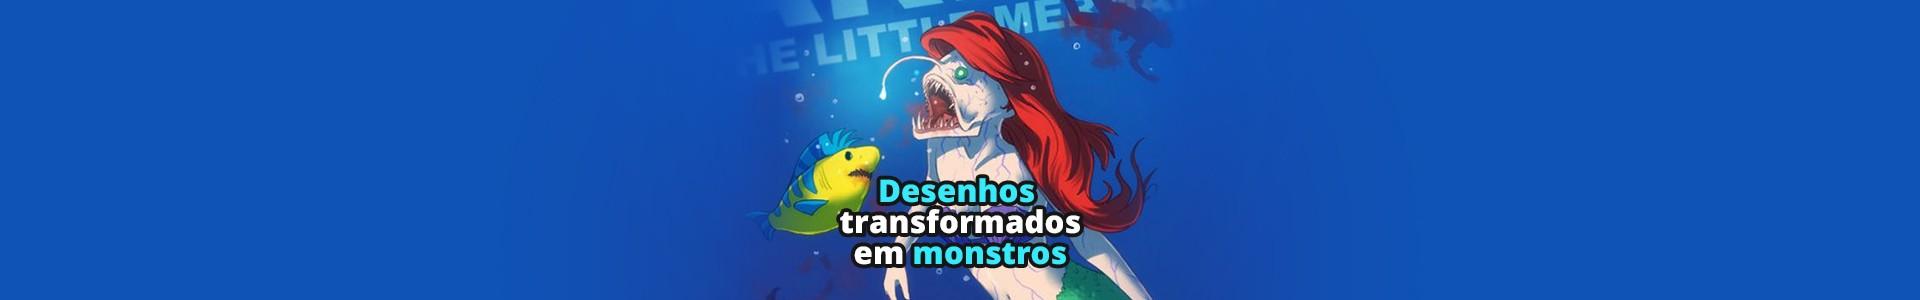 9 Desenhos animados transformados em monstros